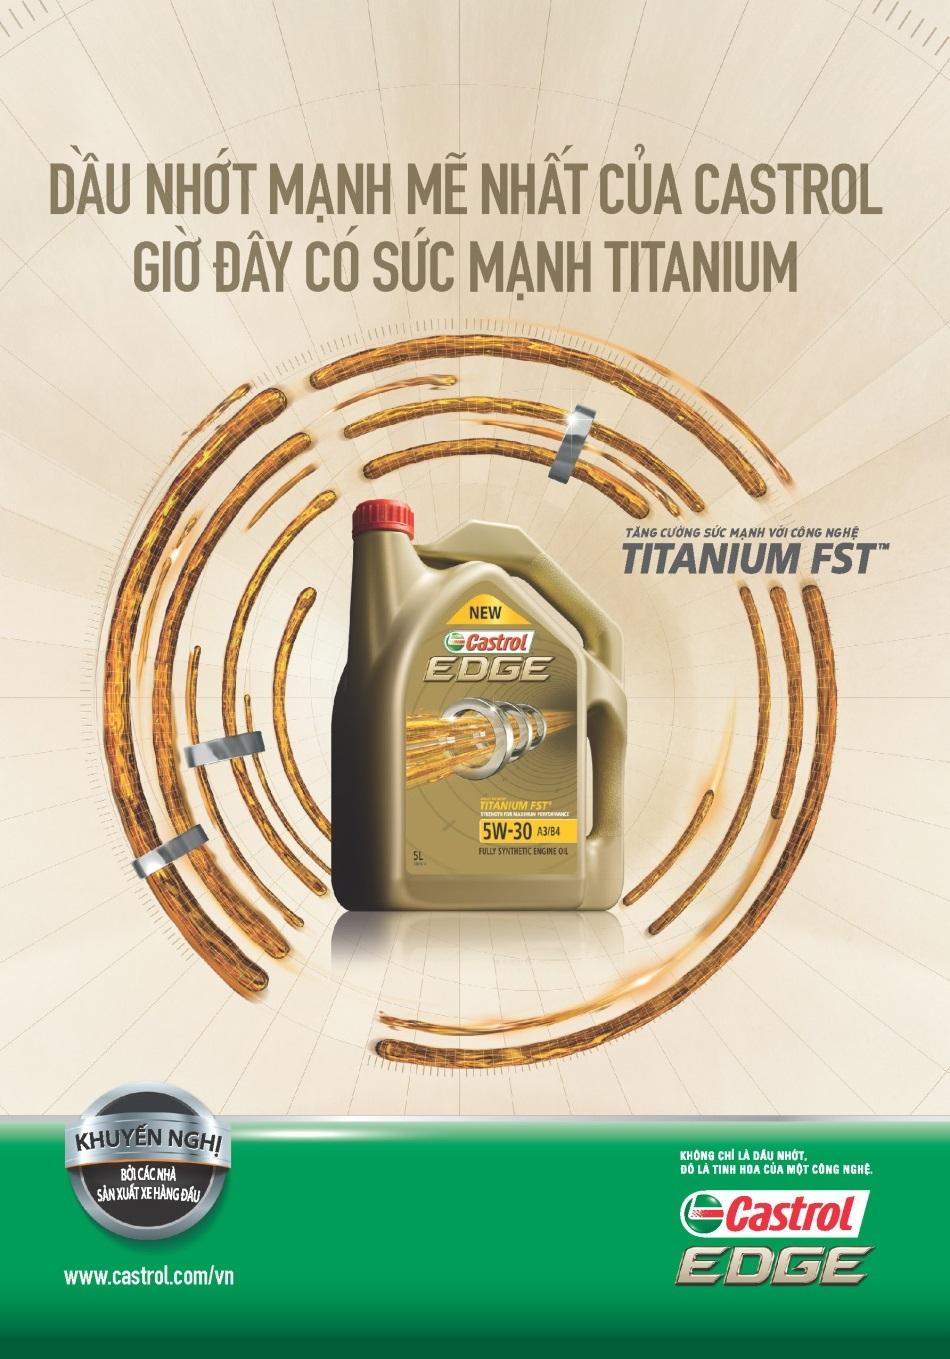 EDGE 5W-30 - Dòng sản phẩm dầu nhớt mạnh mẽ nhất của Castrol